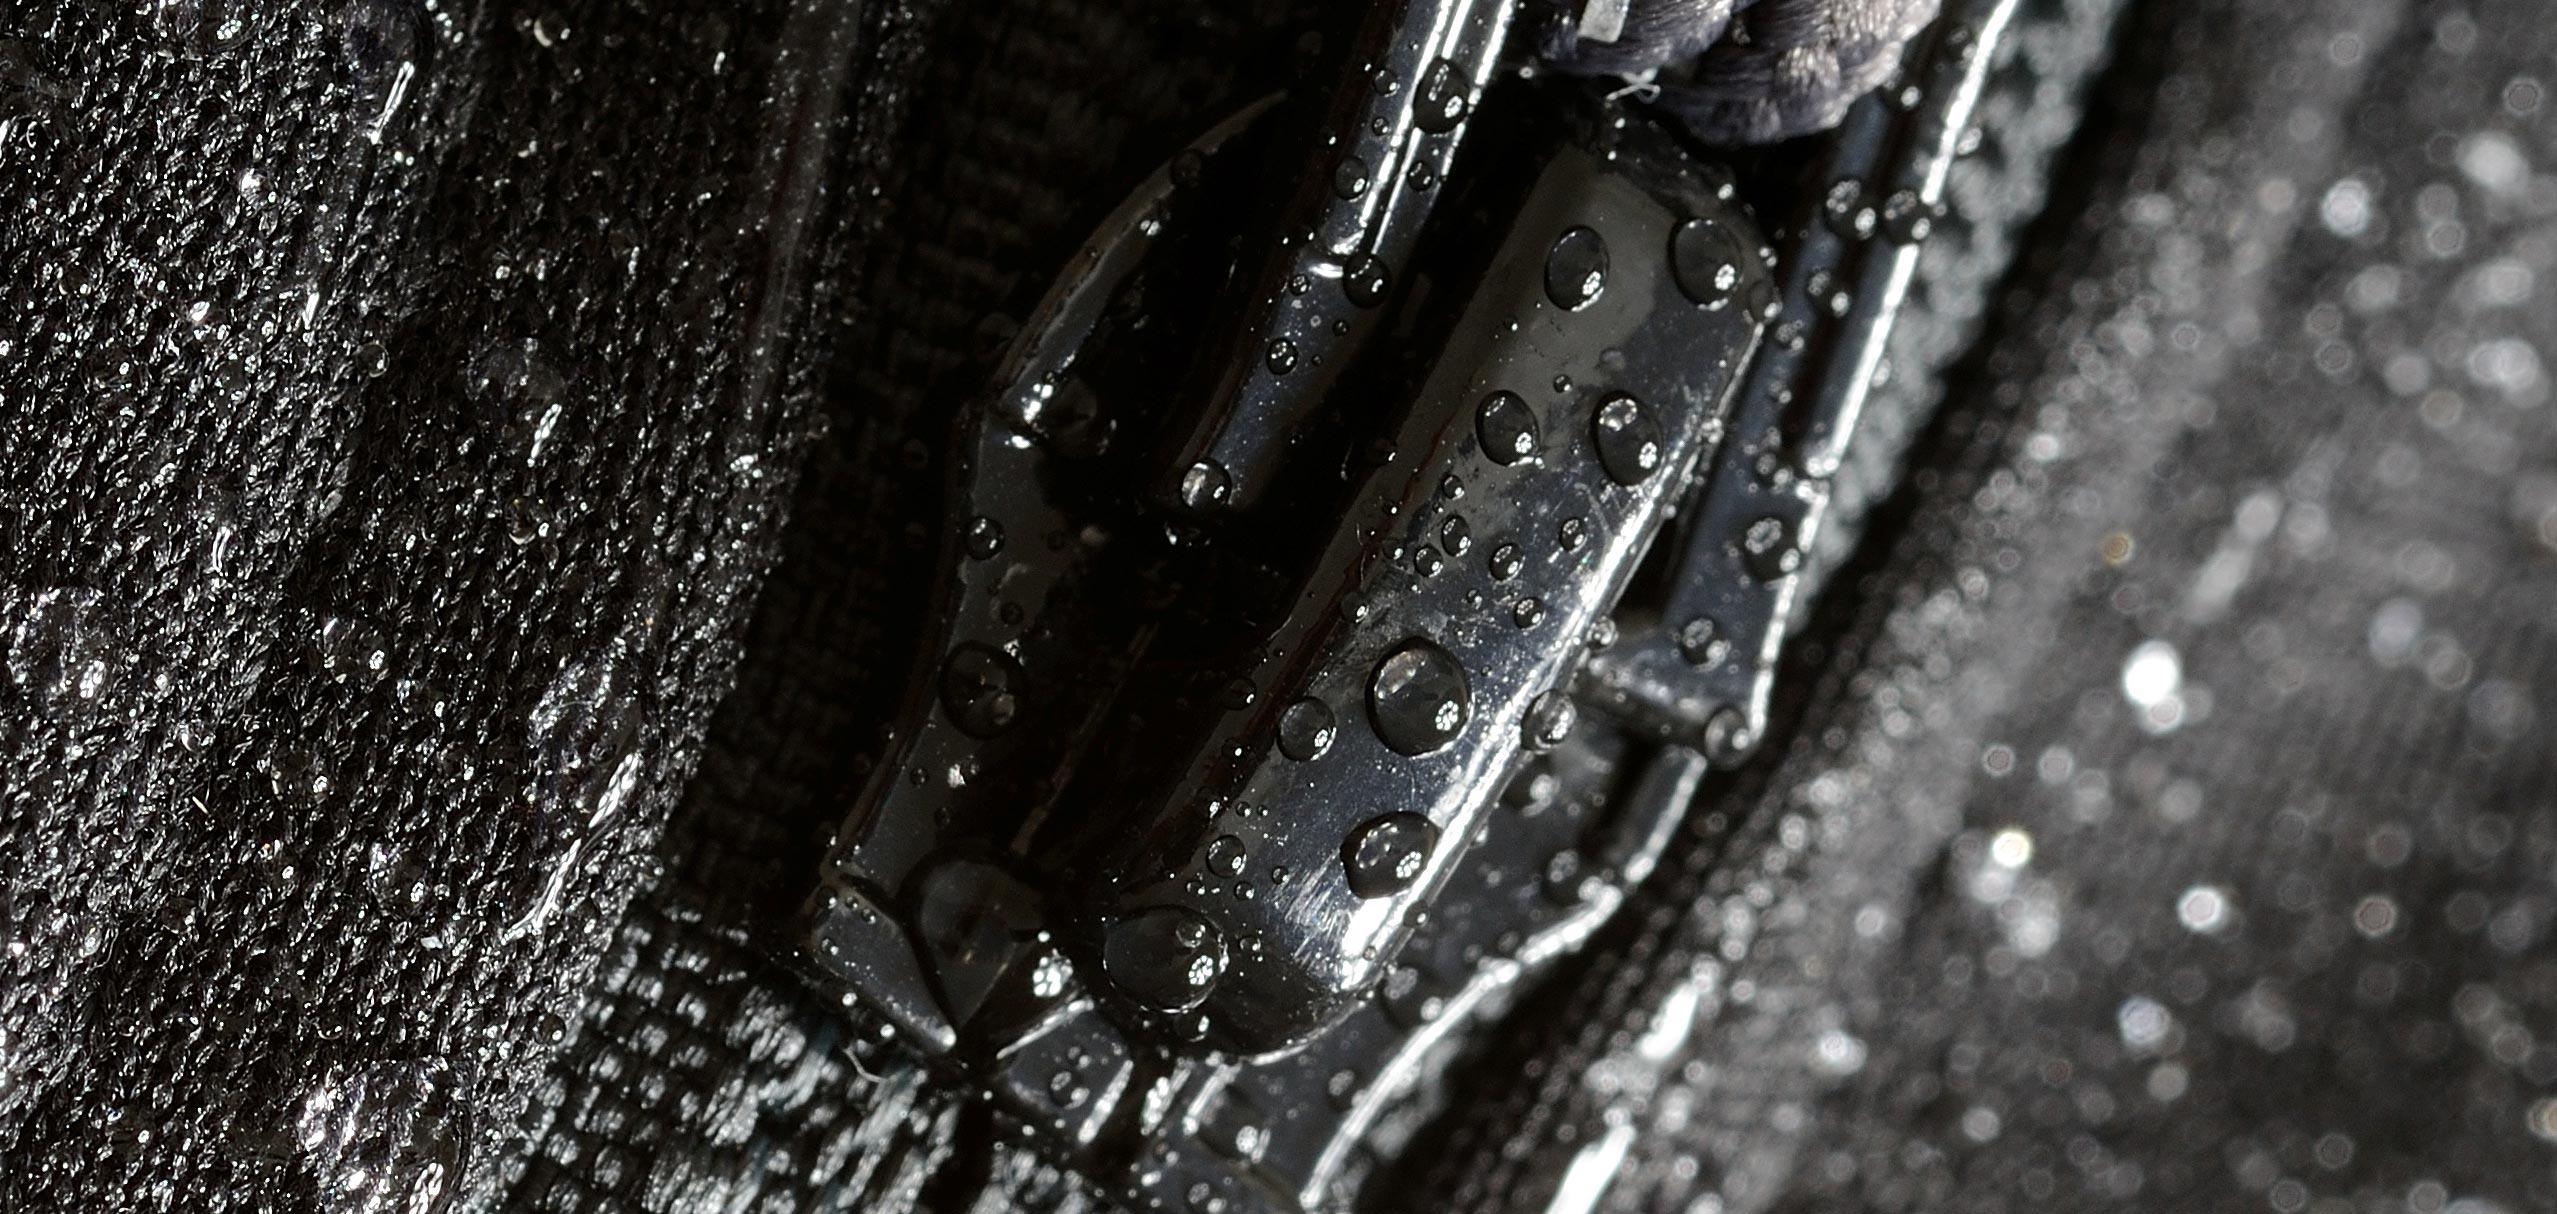 Slider 2Texalive | Microfibras, membranas y tejidos técnicos